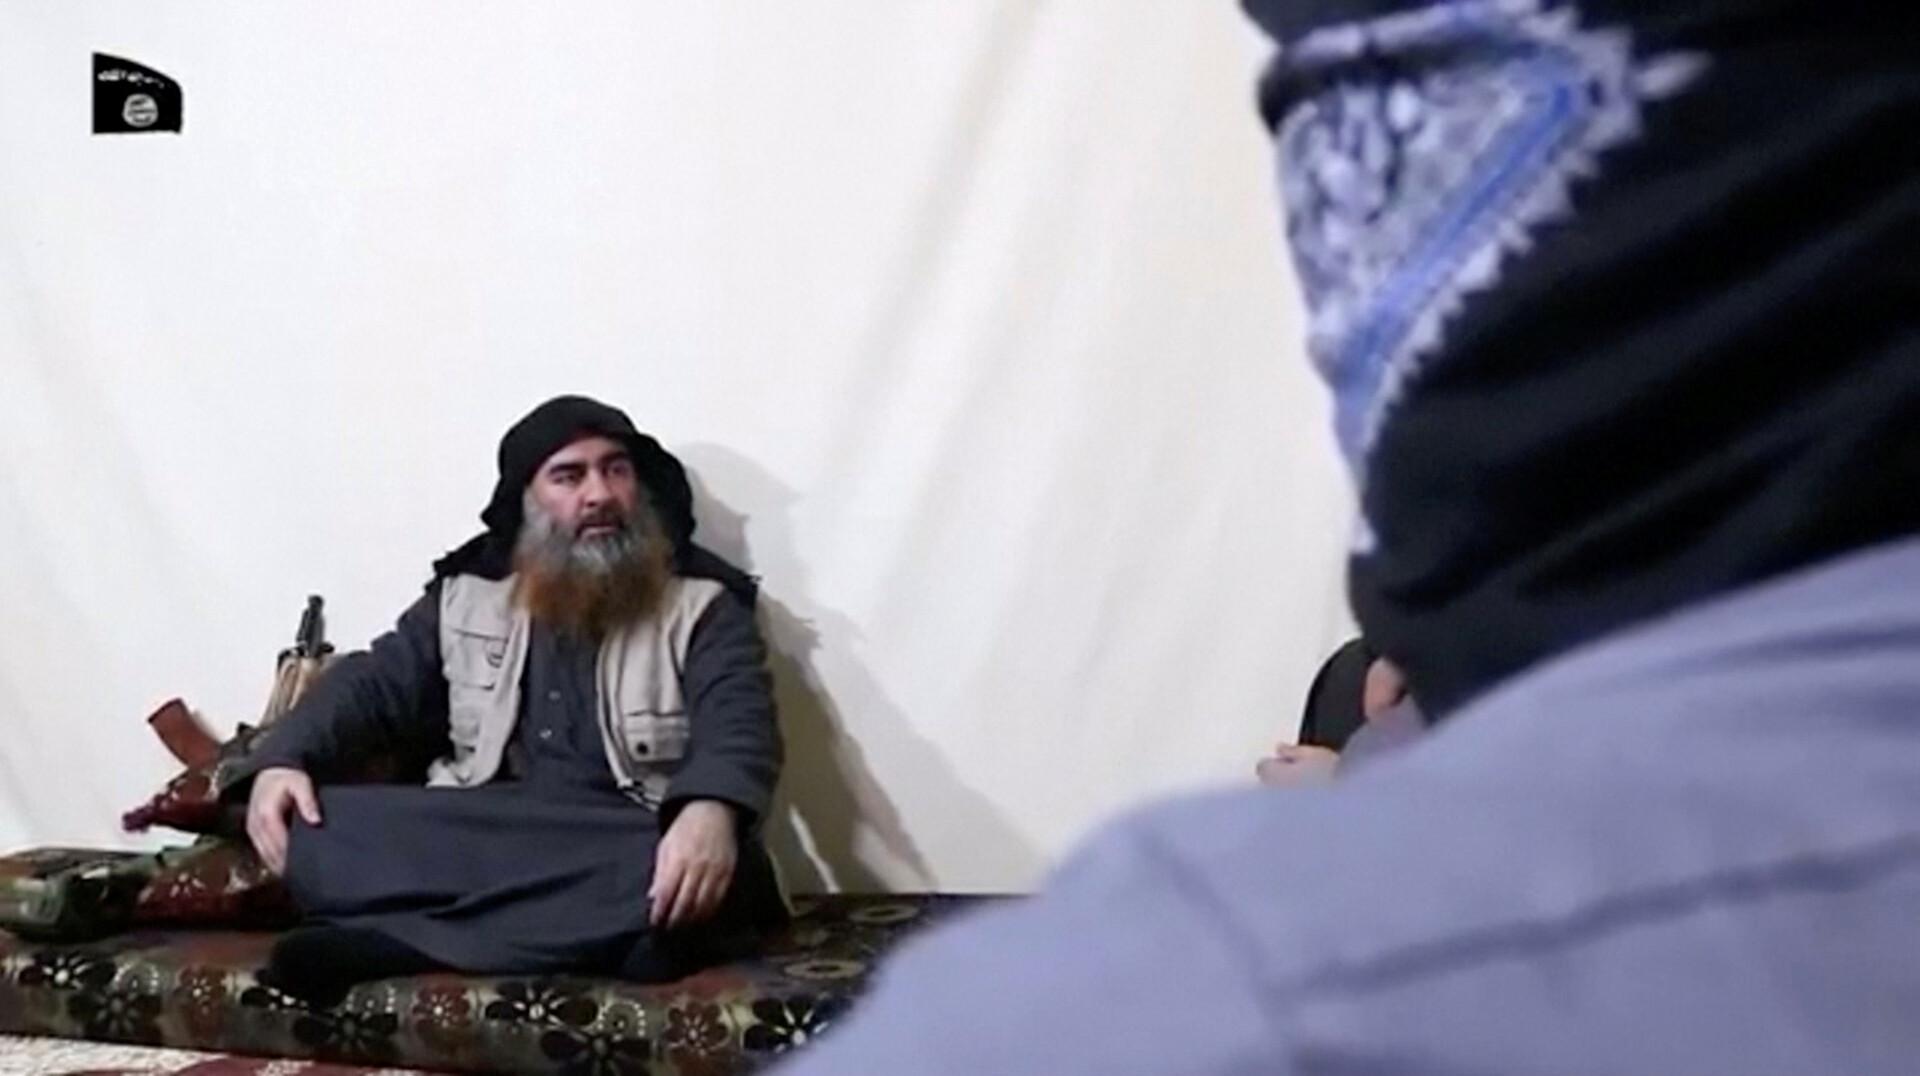 أحد أقرباء البغدادي يكشف تفاصيل لقاء بينهما في سوريا